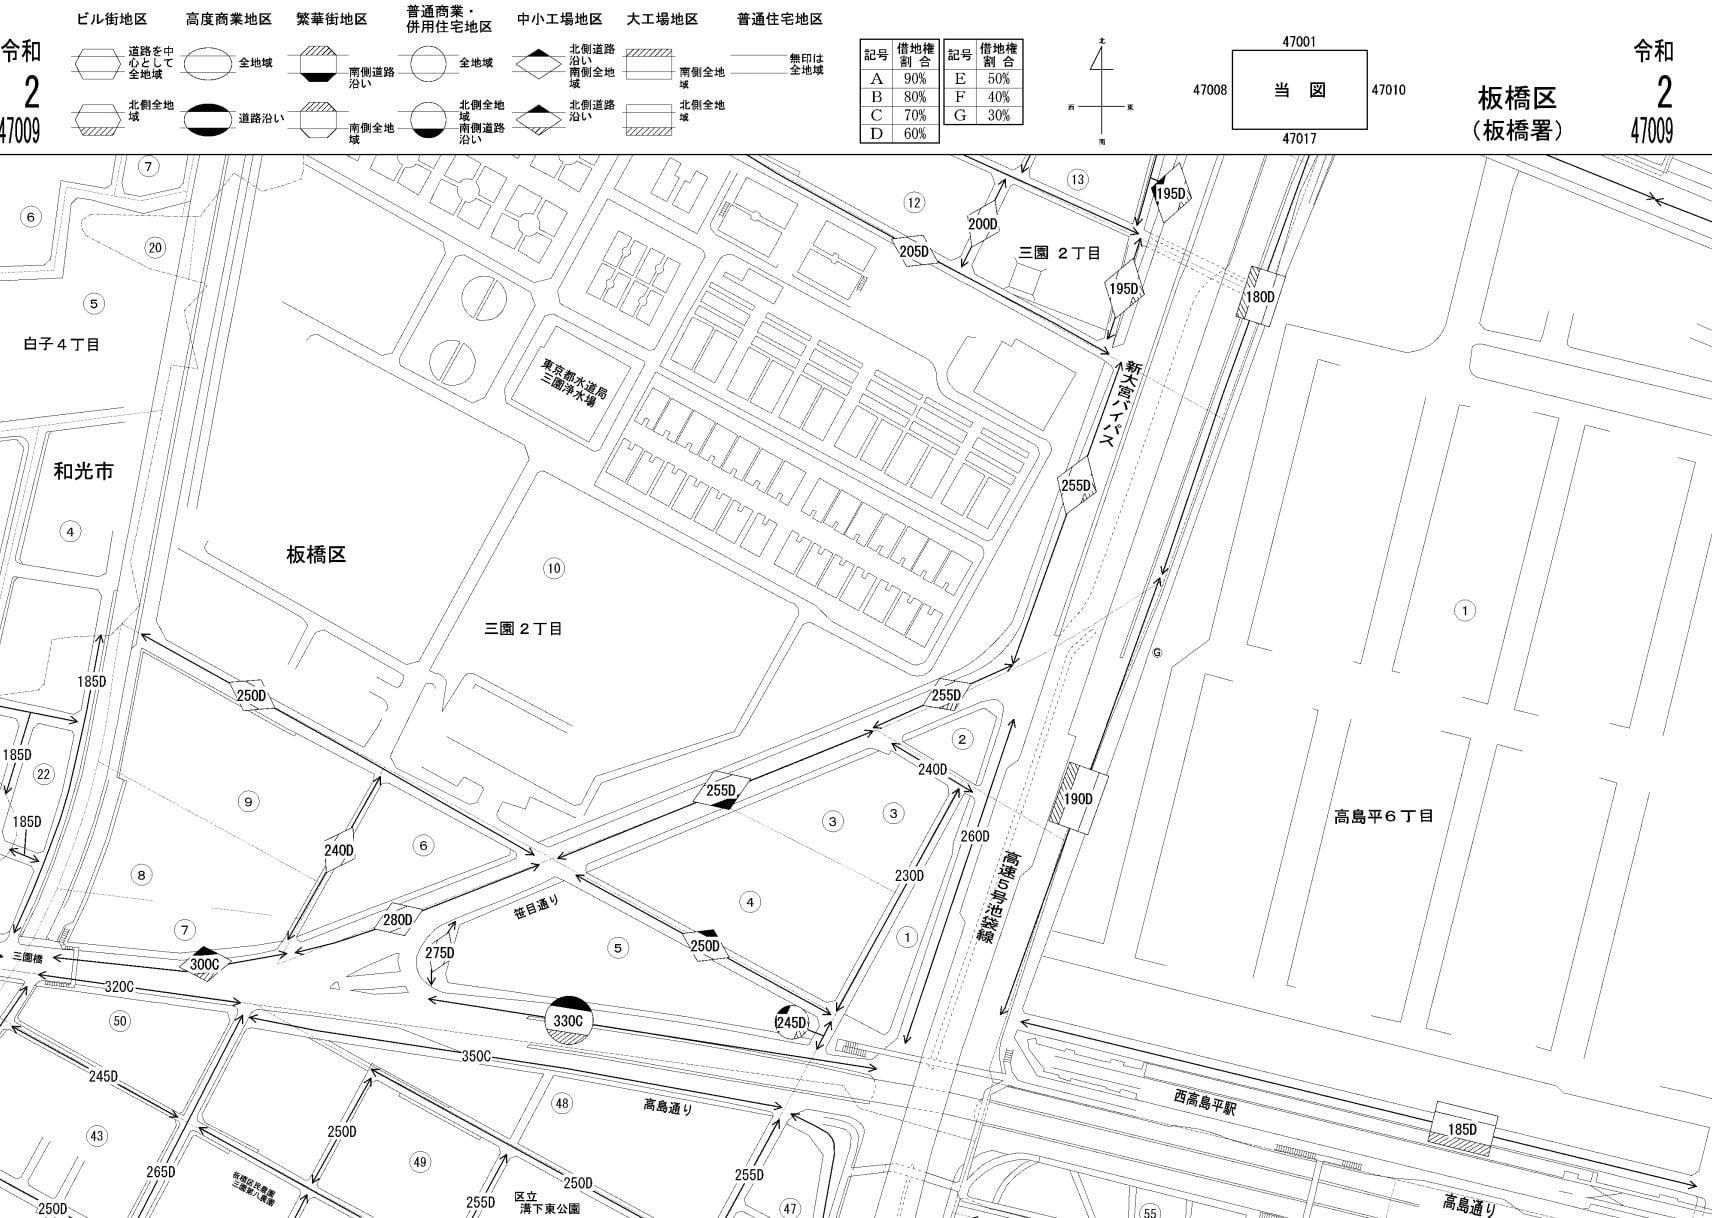 東京都板橋区の路線価図